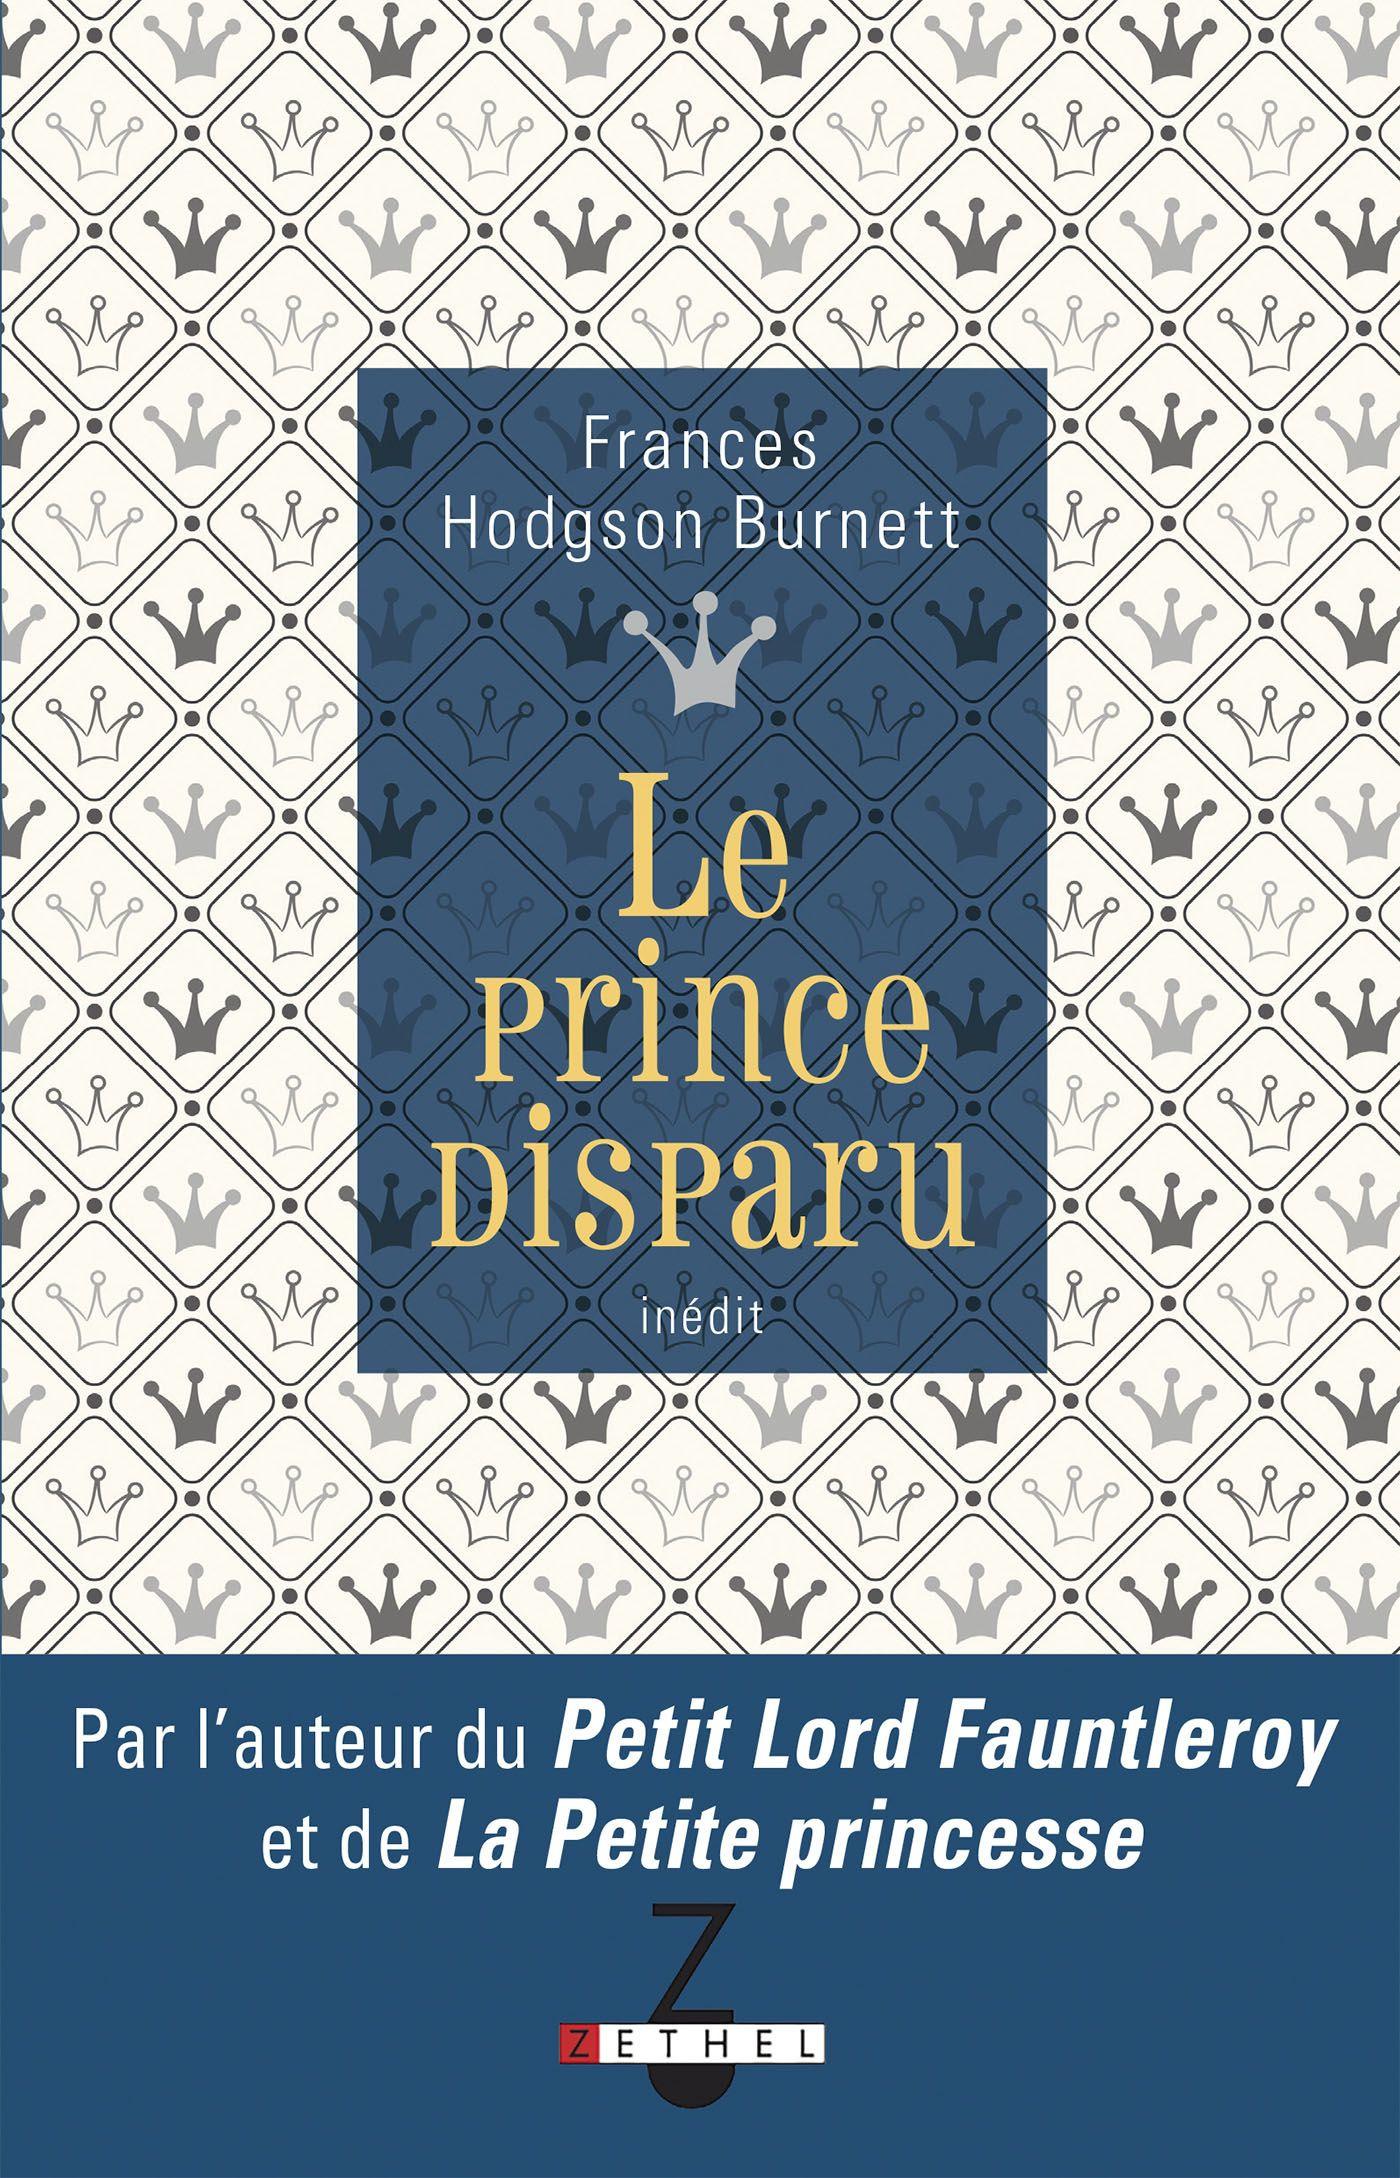 Le prince disparu, PAR L'AUTEUR DU PETIT LORD FAUNTLEROY ET LA PETITE PRINCESSE